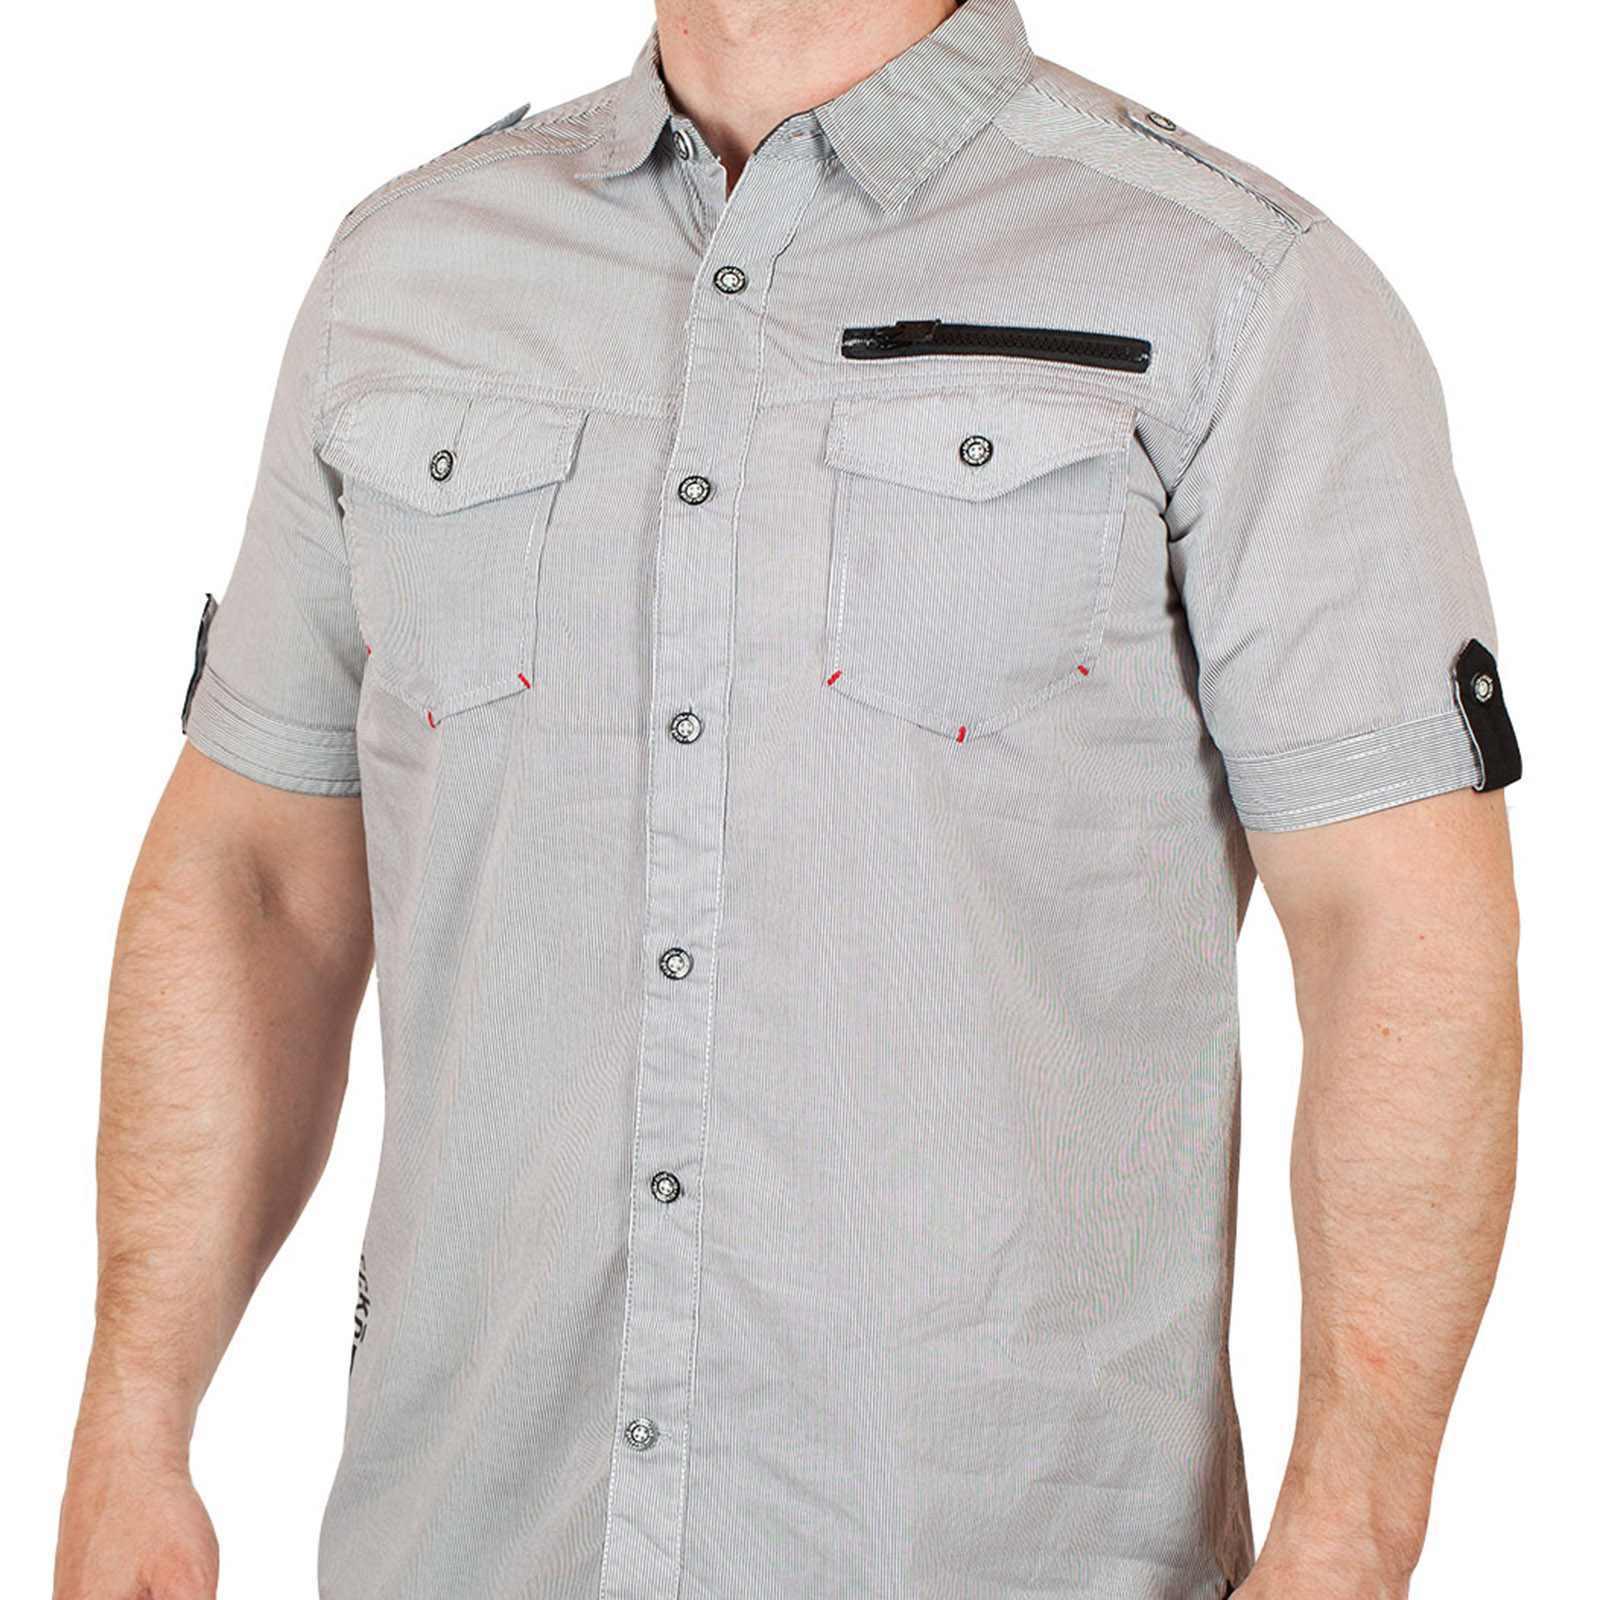 Топовая мужская рубашка от Ecko Unltd (США)